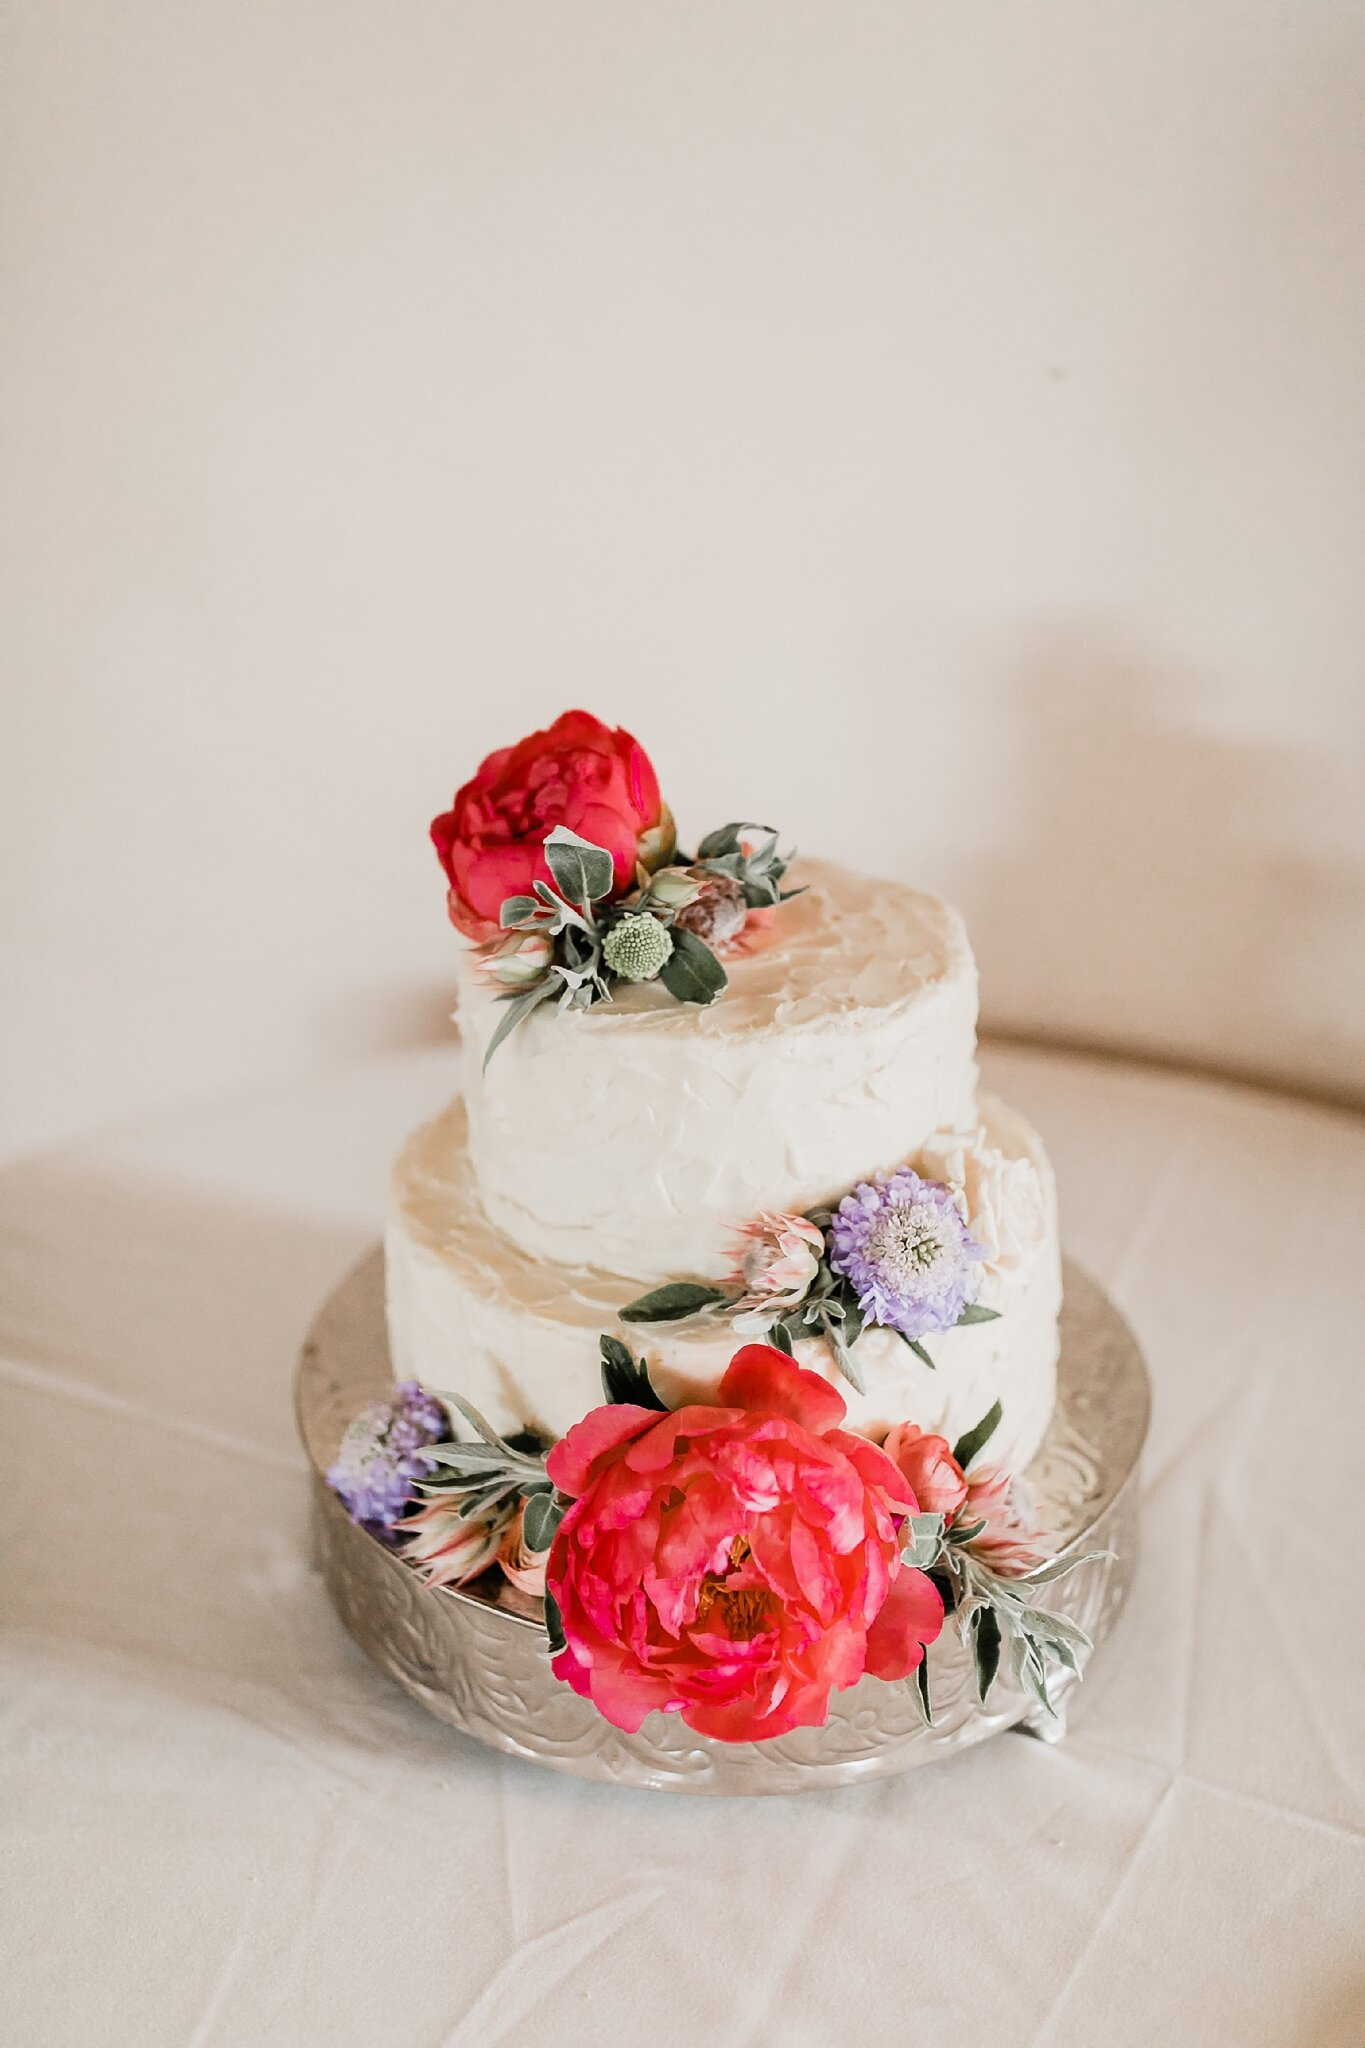 Alicia+lucia+photography+-+albuquerque+wedding+photographer+-+santa+fe+wedding+photography+-+new+mexico+wedding+photographer+-+new+mexico+wedding+-+wedding+-+wedding+cakes+-+flroal+cake+-+santa+fe+cake+-+santa+fe+baker_0023.jpg